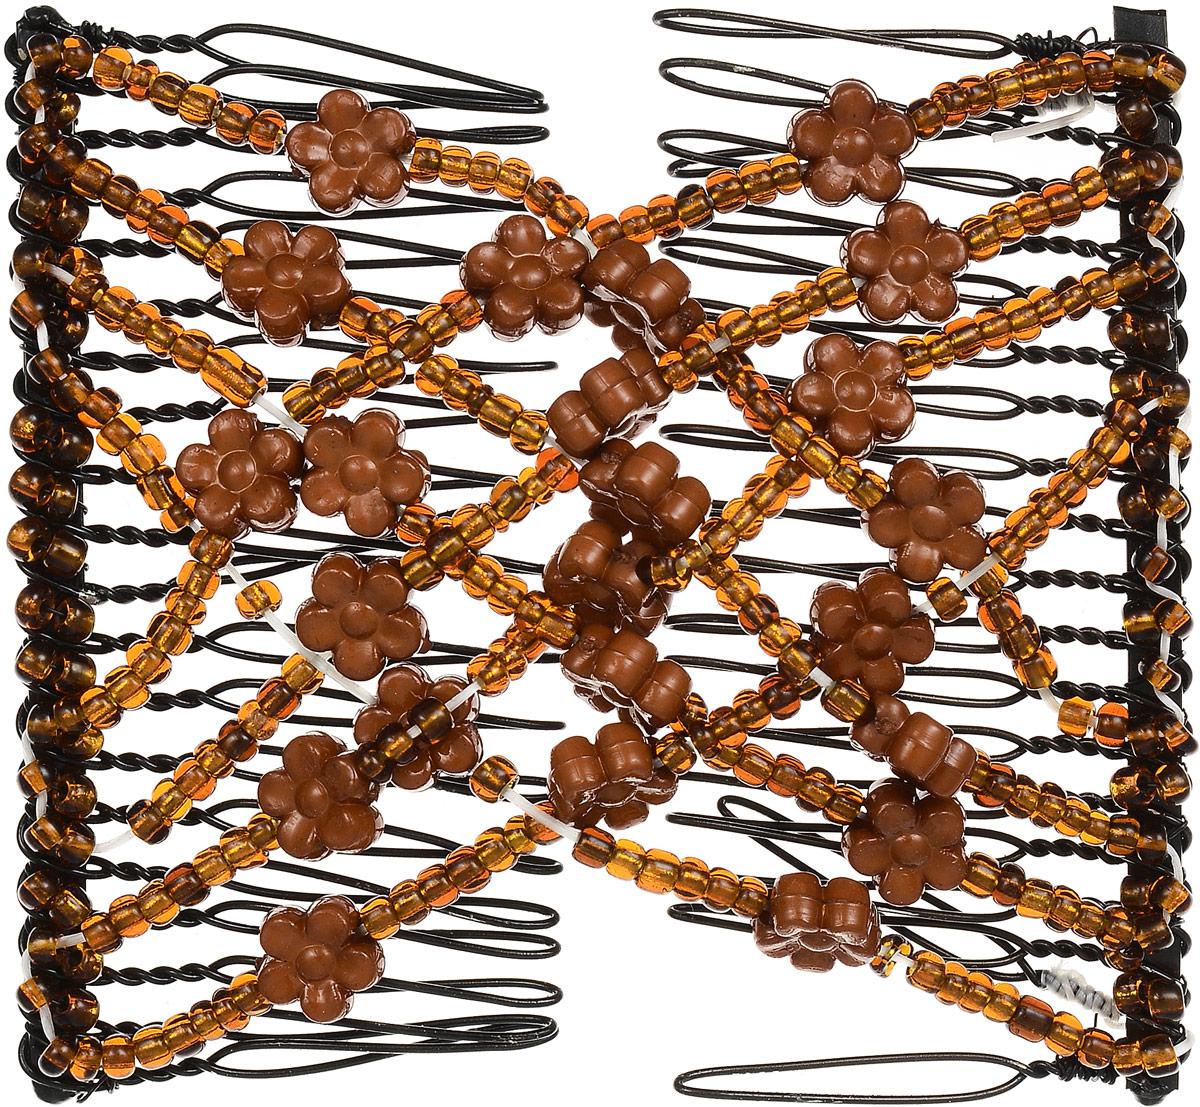 EZ-Combs Заколка Изи-Комбс, одинарная, цвет: коричневый. ЗИО_цветочки250930600Удобная и практичная EZ-Combs подходит для любого типа волос: тонких, жестких, вьющихся или прямых, и не наносит им никакого вреда. Заколка не мешает движениям головы и не создает дискомфорта, когда вы отдыхаете или управляете автомобилем. Каждый гребень имеет по 20 зубьев для надежной фиксации заколки на волосах! И даже во время бега и интенсивных тренировок в спортзале EZ-Combs не падает; она прочно фиксирует прическу, сохраняя укладку в первозданном виде.Небольшая и легкая заколка для волос EZ-Combs поместится в любой дамской сумочке, позволяя быстро и без особых усилий создавать неповторимые прически там, где вам это удобно. Гребень прекрасно сочетается с любой одеждой: будь это классический или спортивный стиль, завершая гармоничный облик современной леди. И неважно, какой образ жизни вы ведете, если у вас есть EZ-Combs, вы всегда будете выглядеть потрясающе.